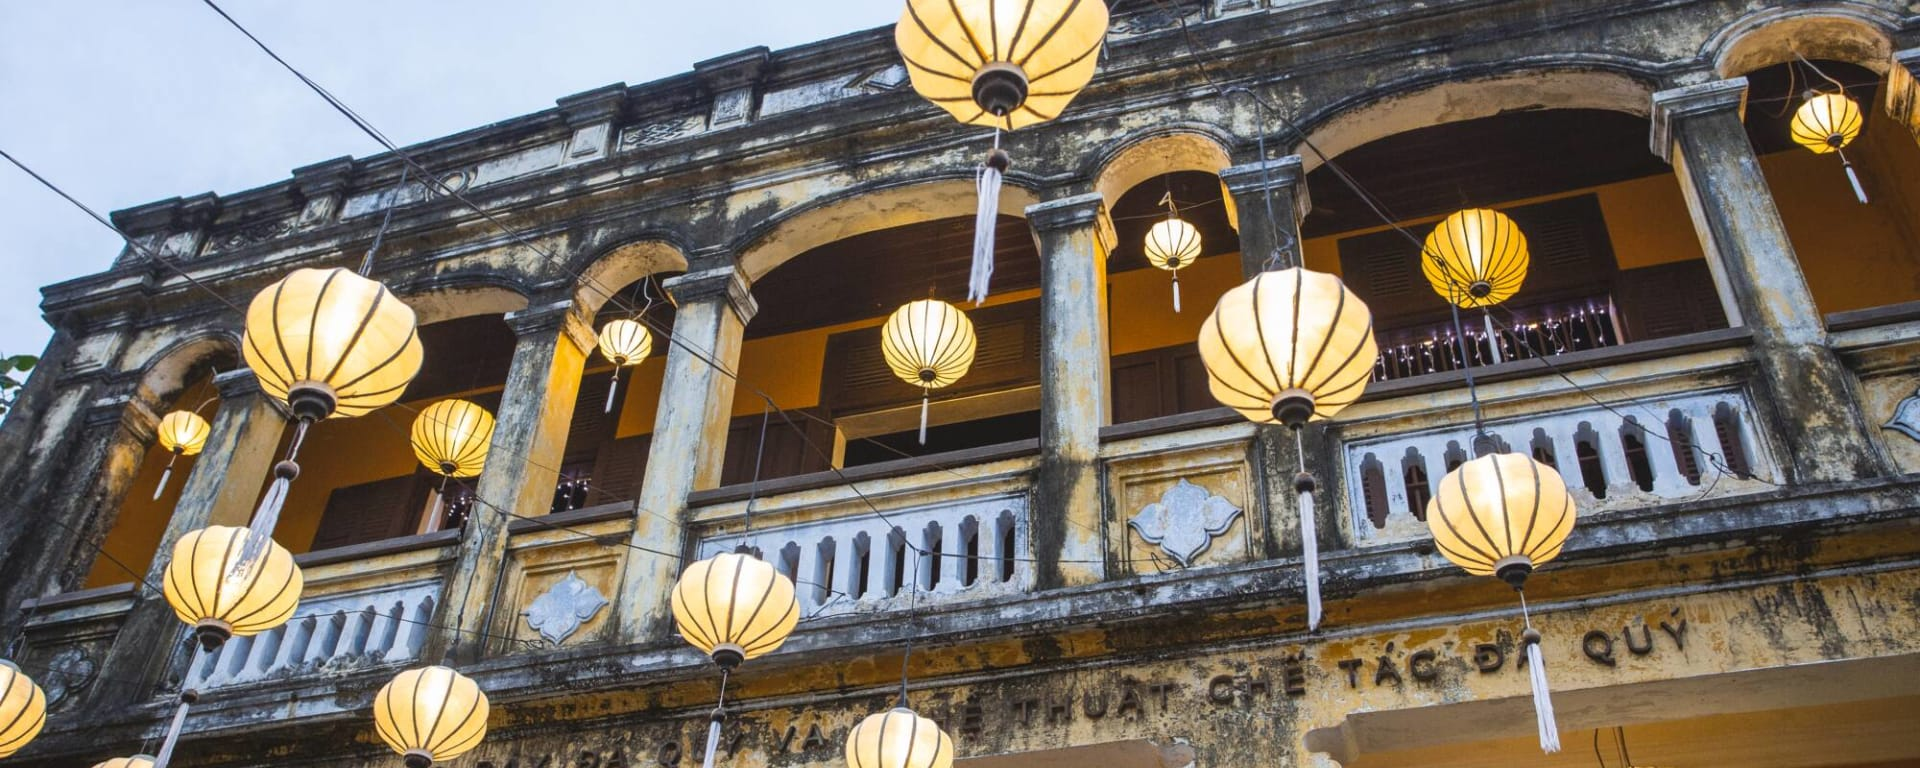 Vietnam entdecken mit Tischler Reisen: Vietnam Hoi An Altstadt